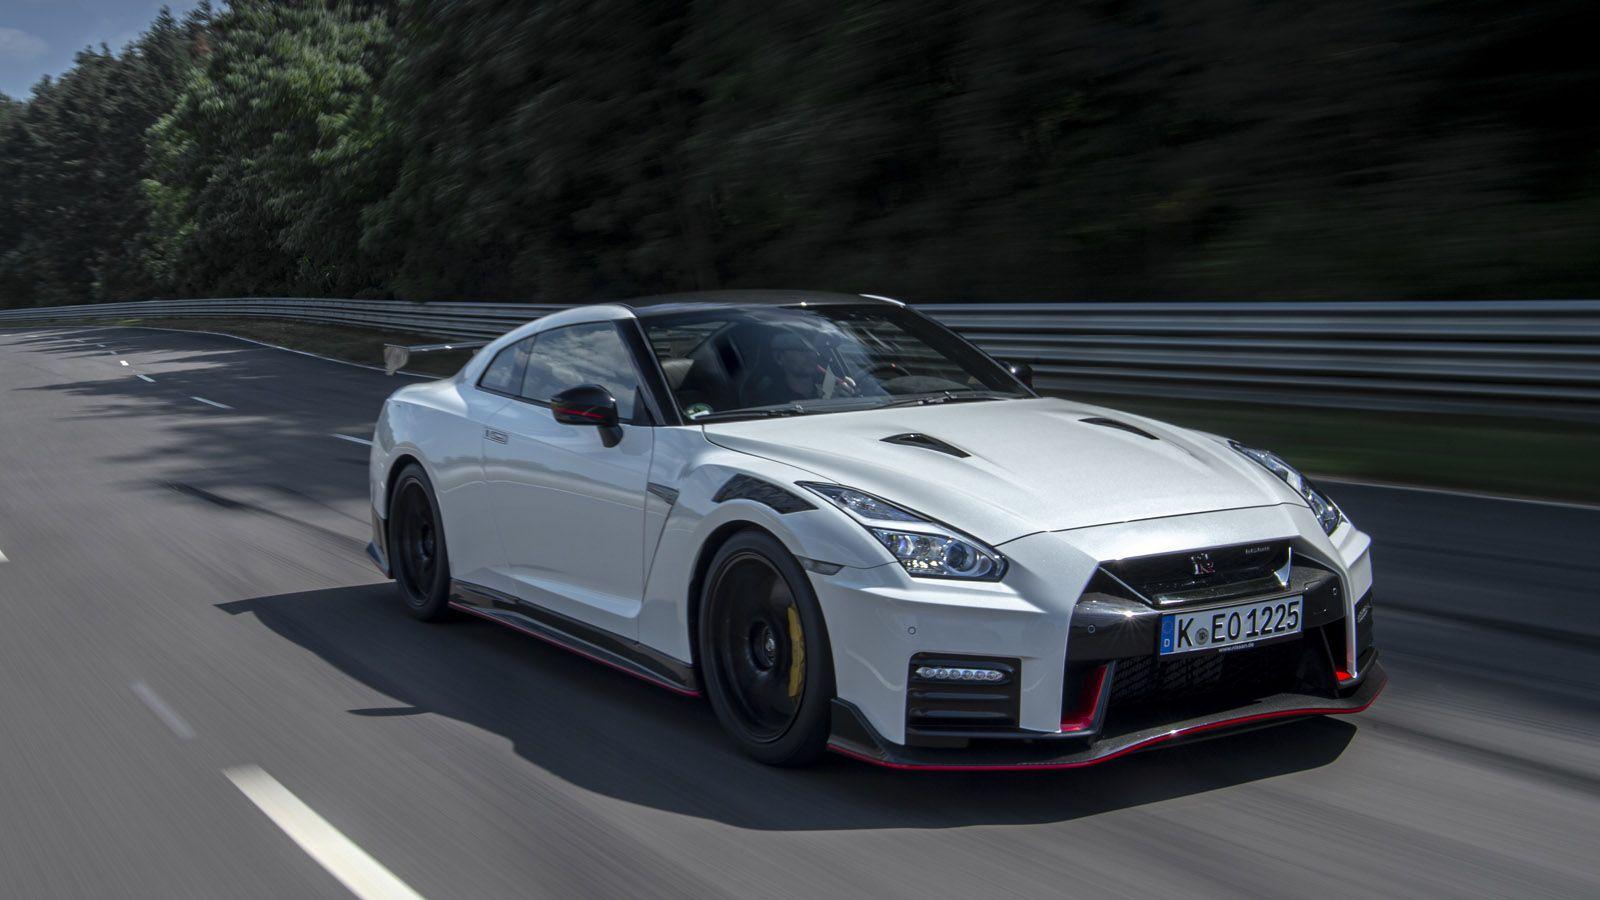 価格は2420万円!究極の「GT-R」は何が違うのか | スポーツカー | 東洋経済オンライン | 経済ニュースの新基準